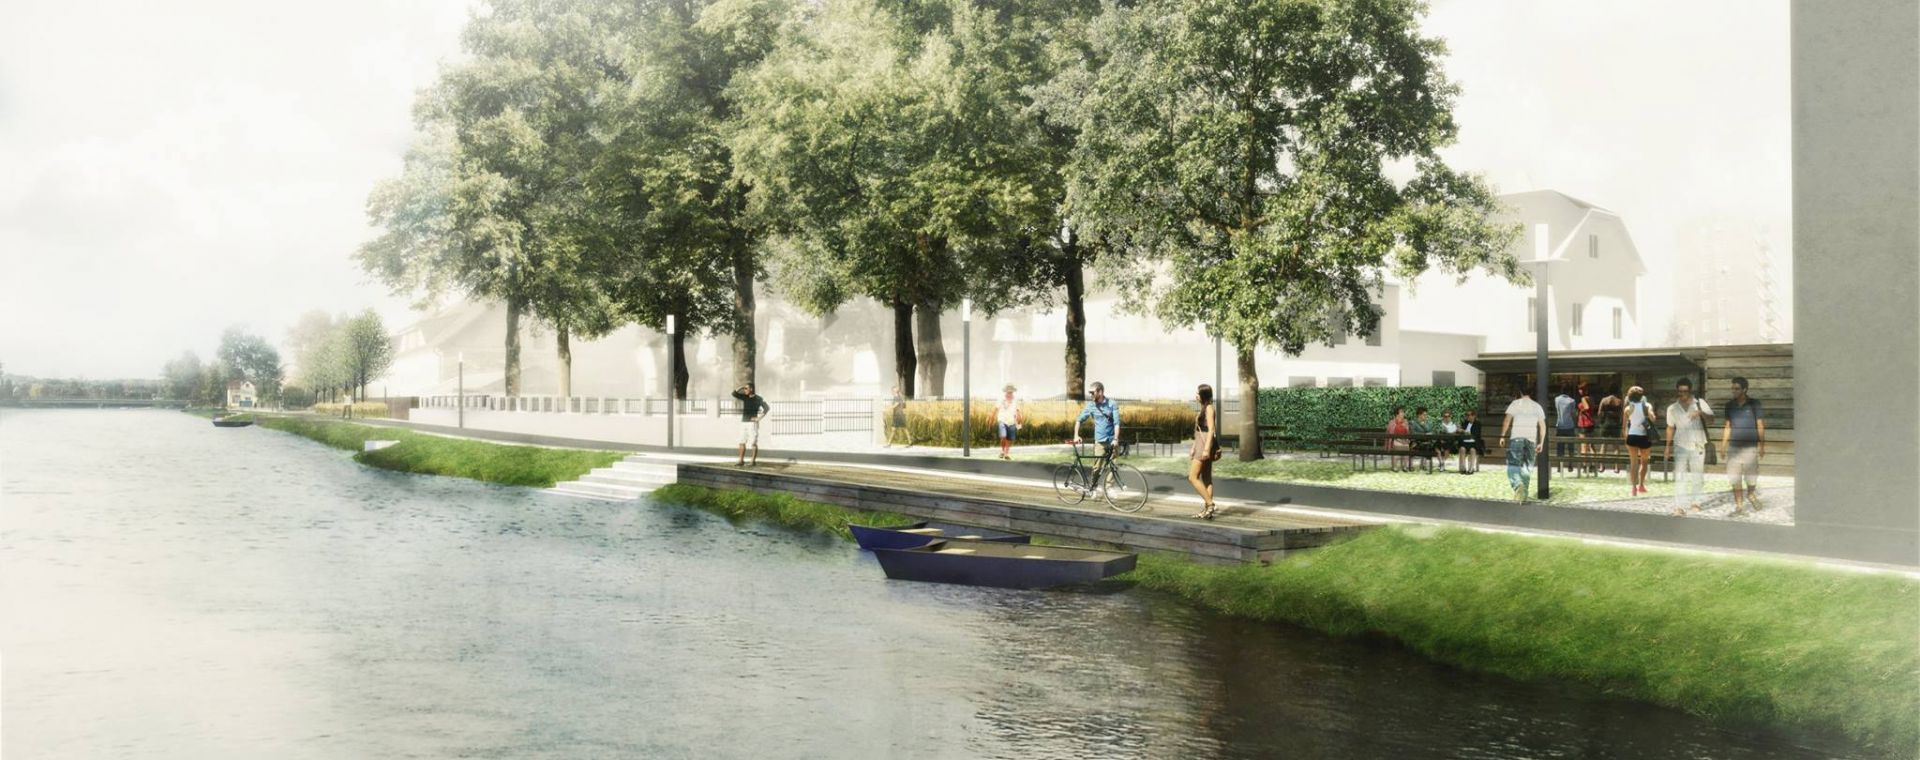 Architectural competetion, Planá nad Lužnicí - riverside, 03/2015, CZ - 2nd place